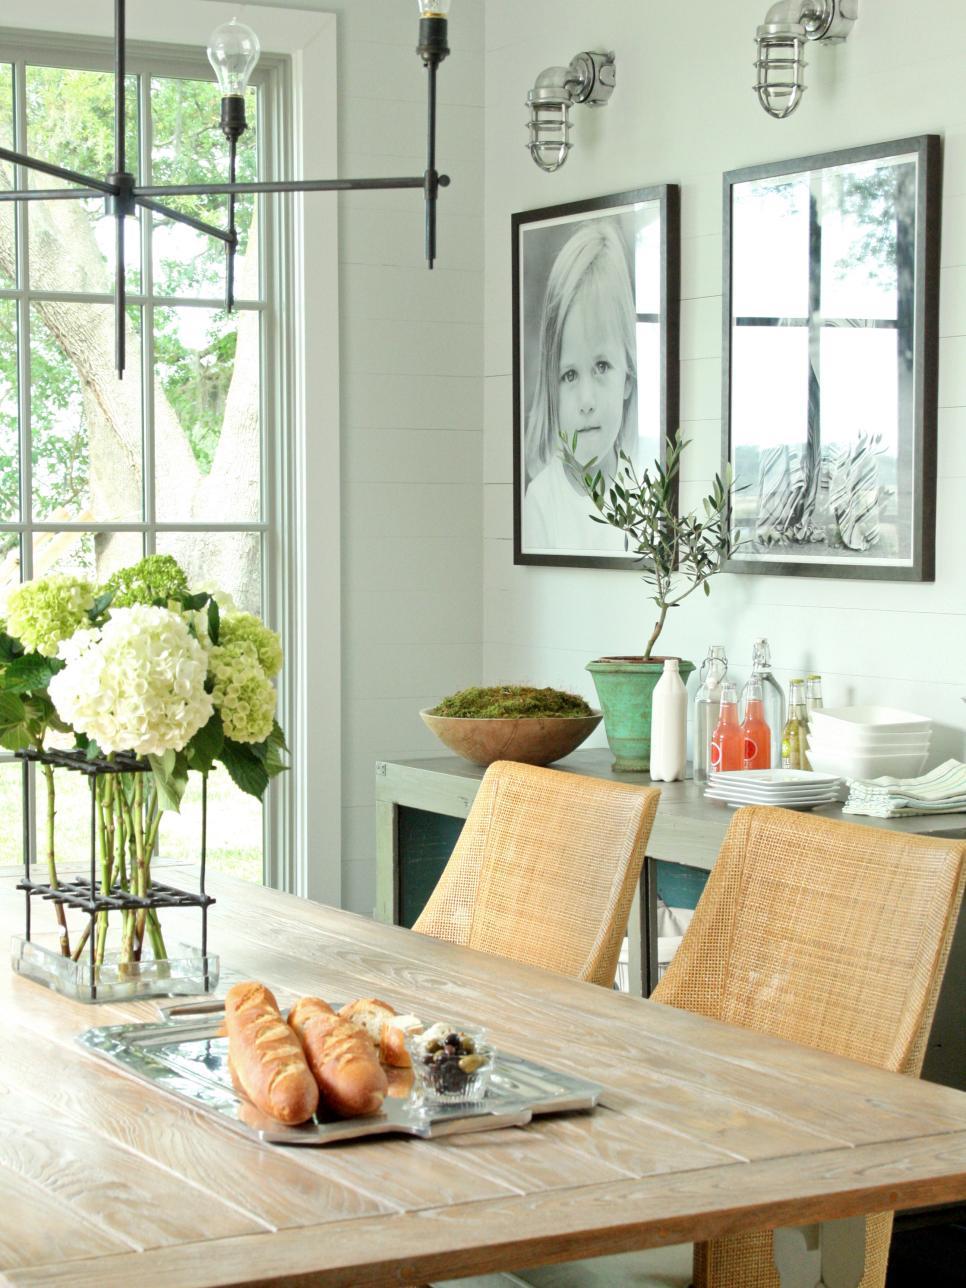 dining room decor 15 dining room decorating ideas | hgtv CYQTSDV